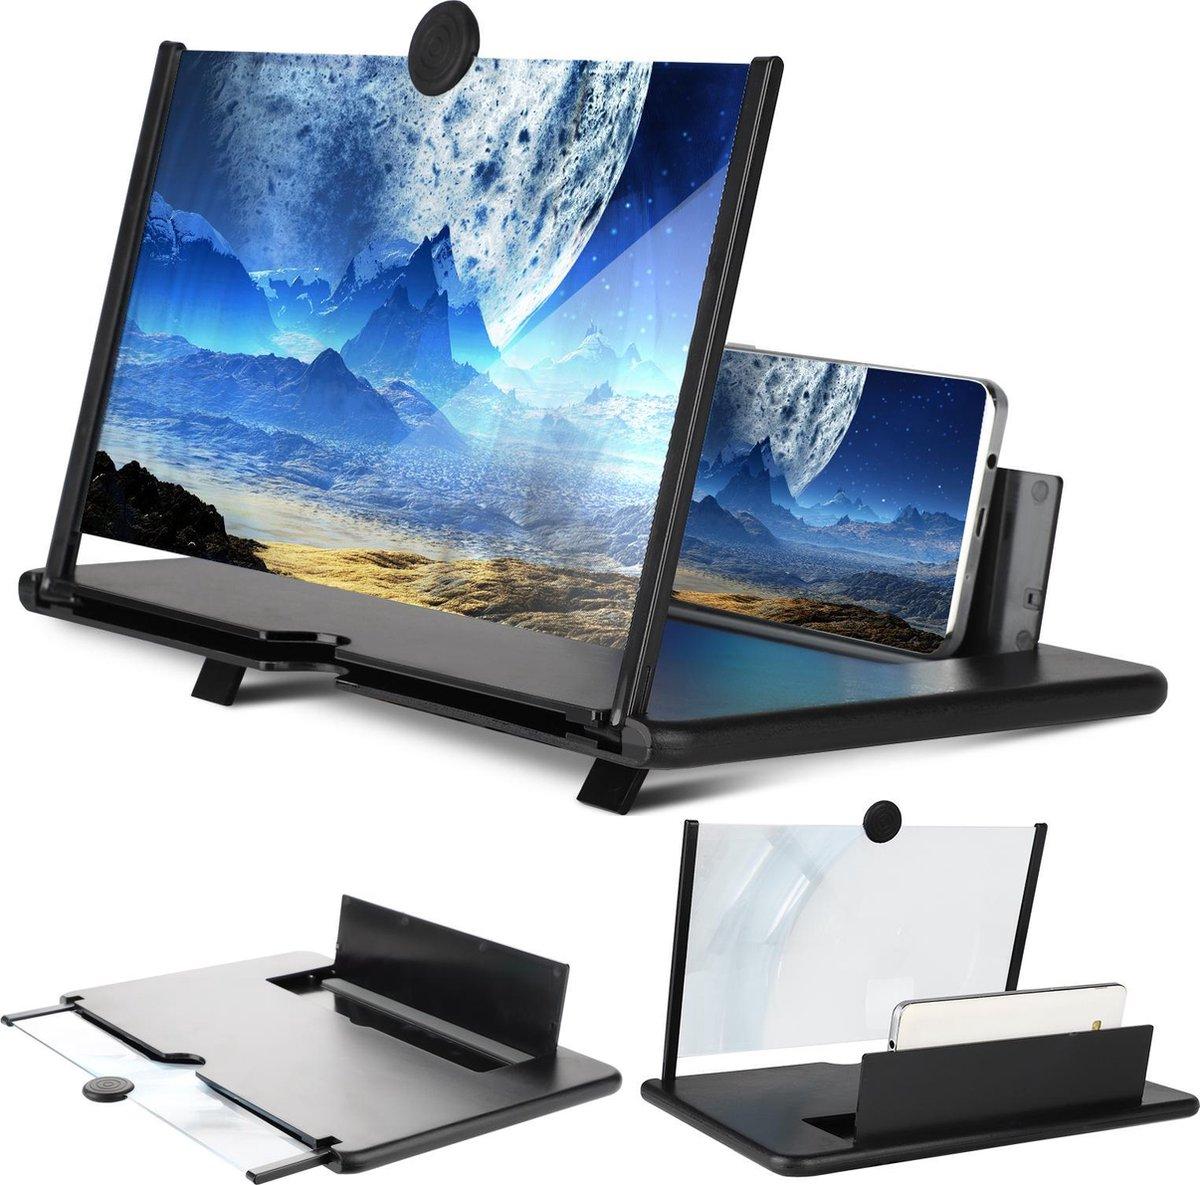 Beeldscherm Vergroter HD - Telefoon bioscoop - Schermvergroter - Thuisbioscoop - 3D - Smartphone Ver